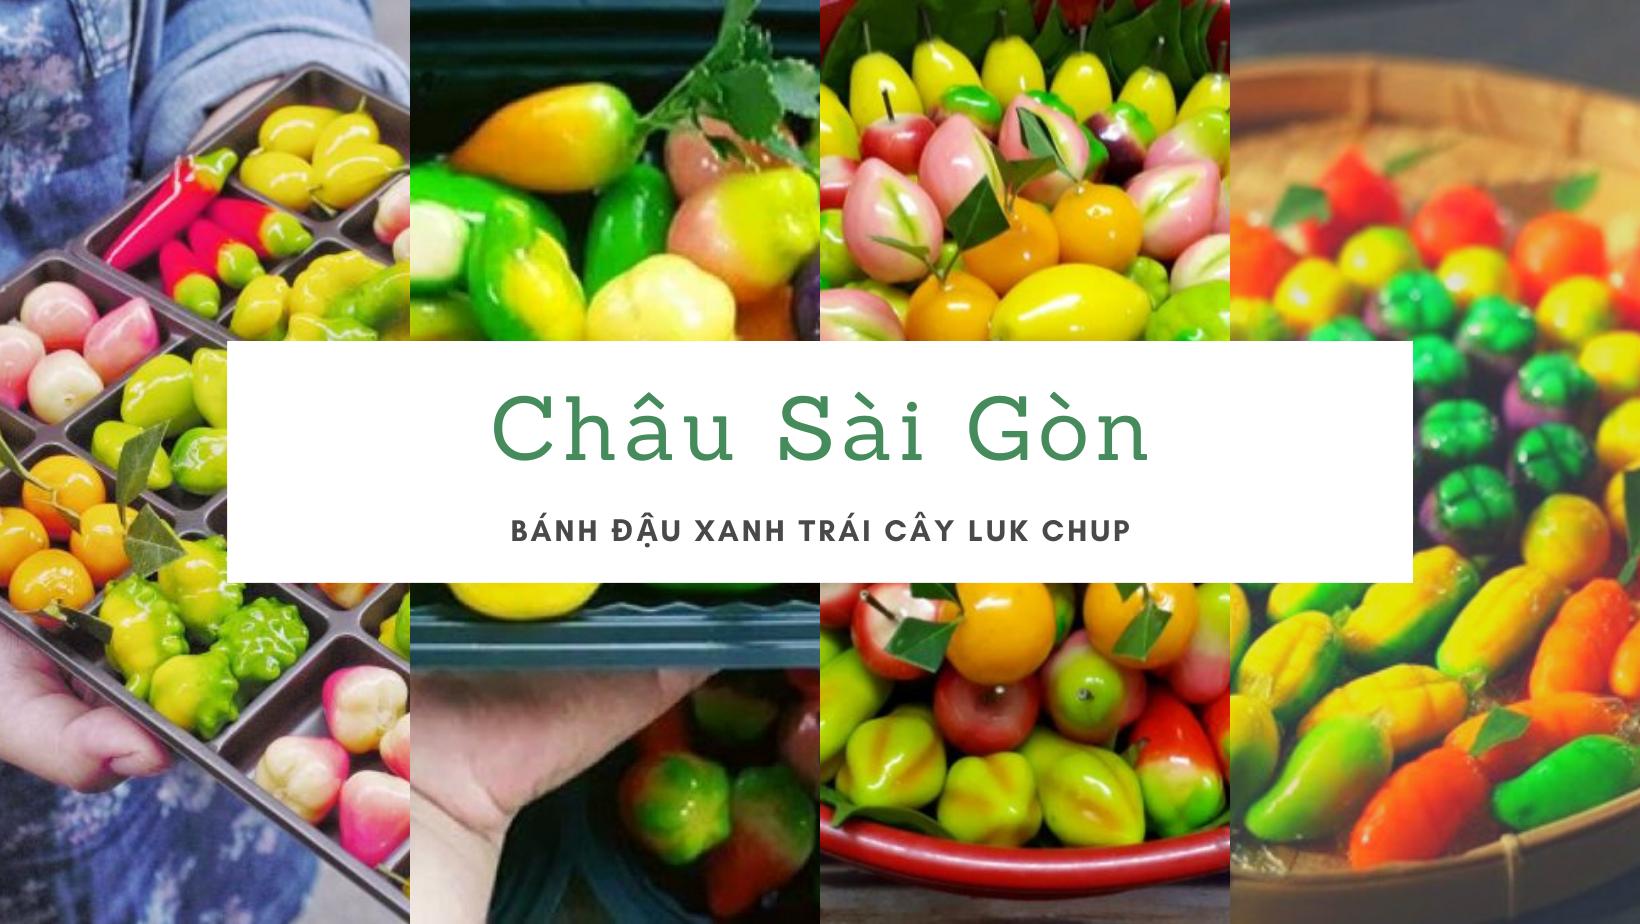 """Vào bếp cùng """"nữ hoàng truyền thông"""" Nguyễn Phạm Khánh Vân: Bánh giò, bánh bao, bánh dày nóng hổi đê 23"""